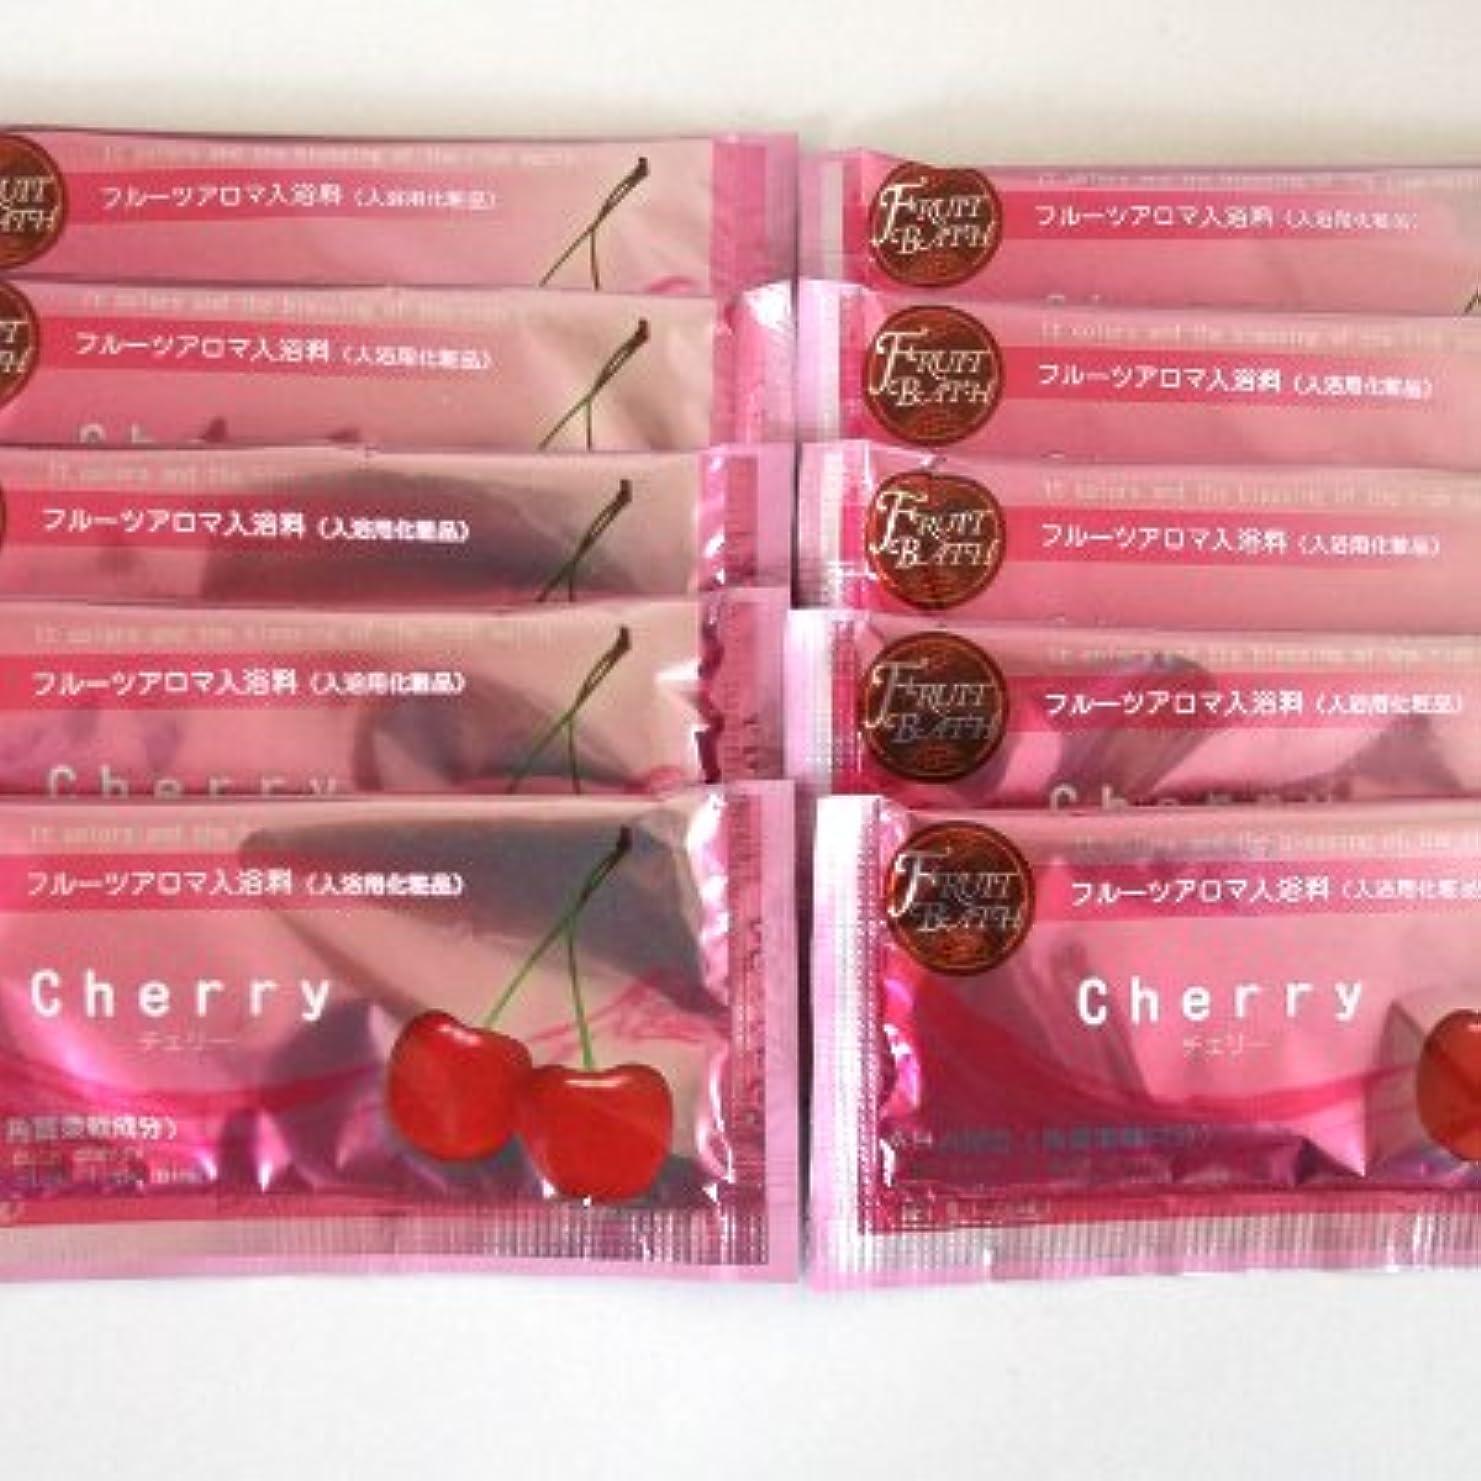 促すタバコ理容師フルーツアロマ入浴剤 チェリーの香り 10包セット